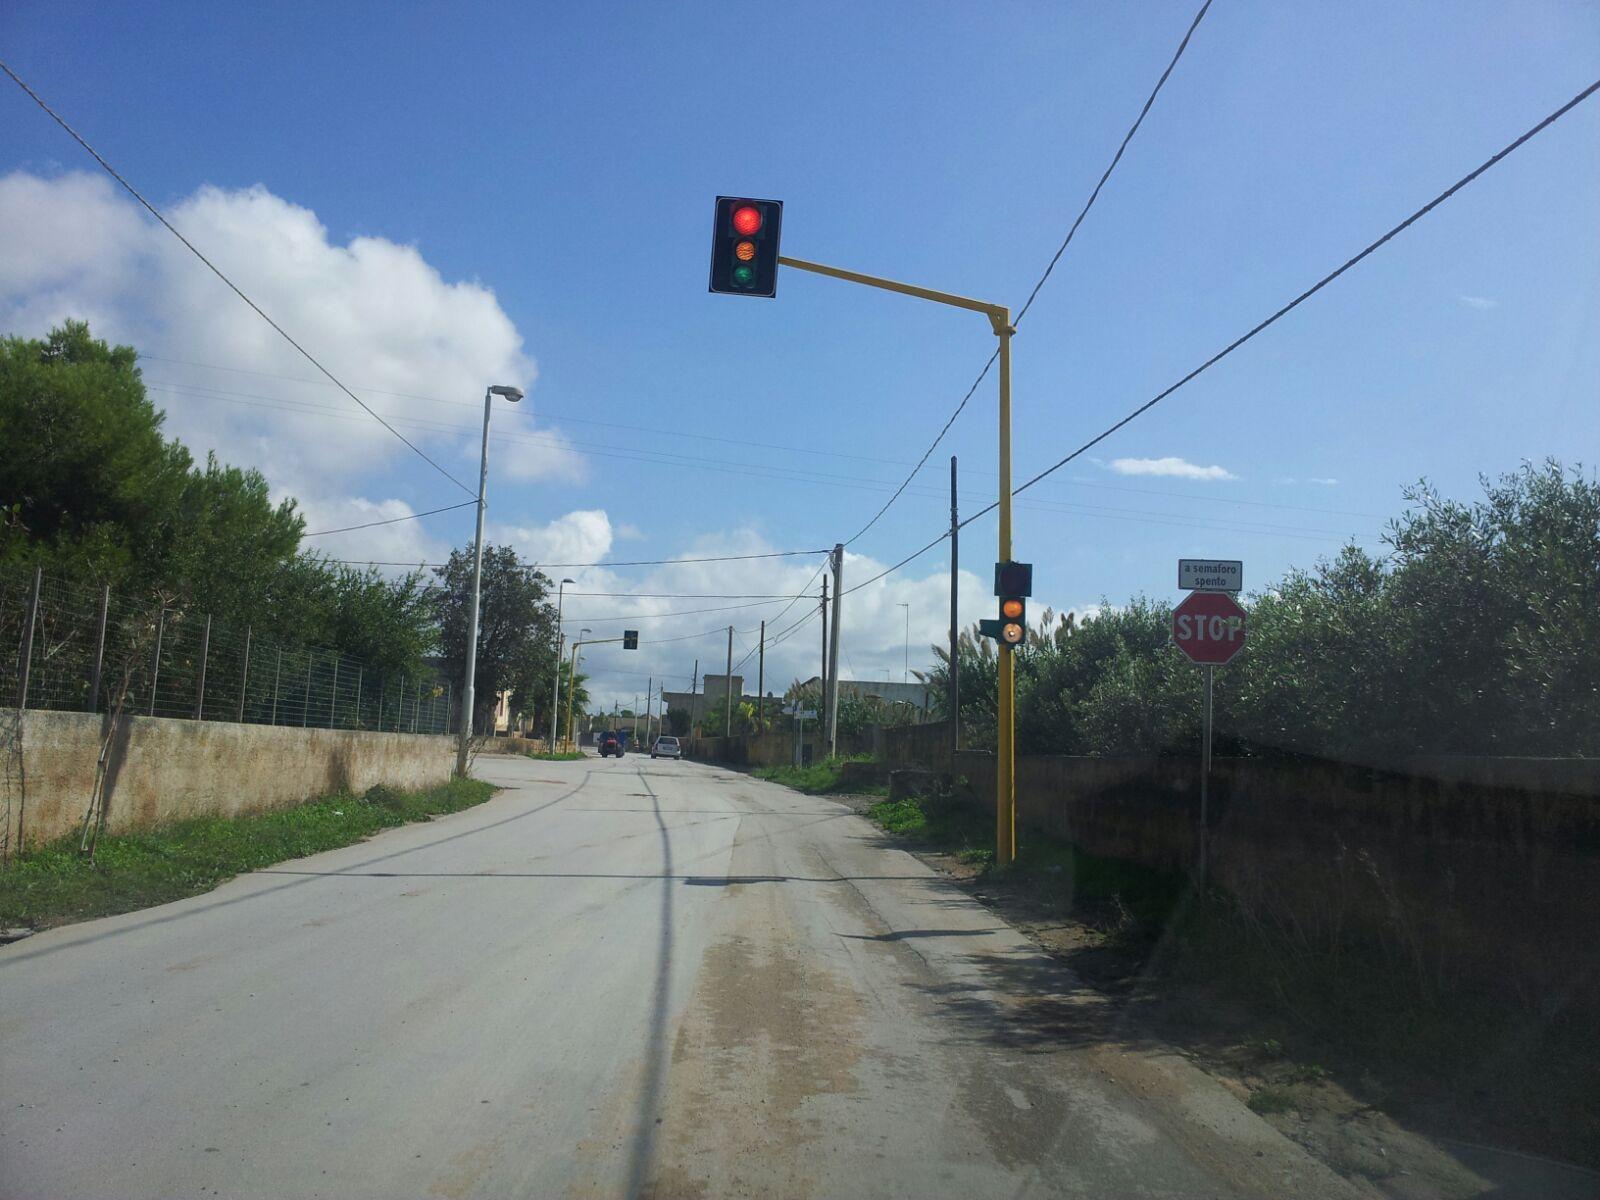 semaforo in tilt